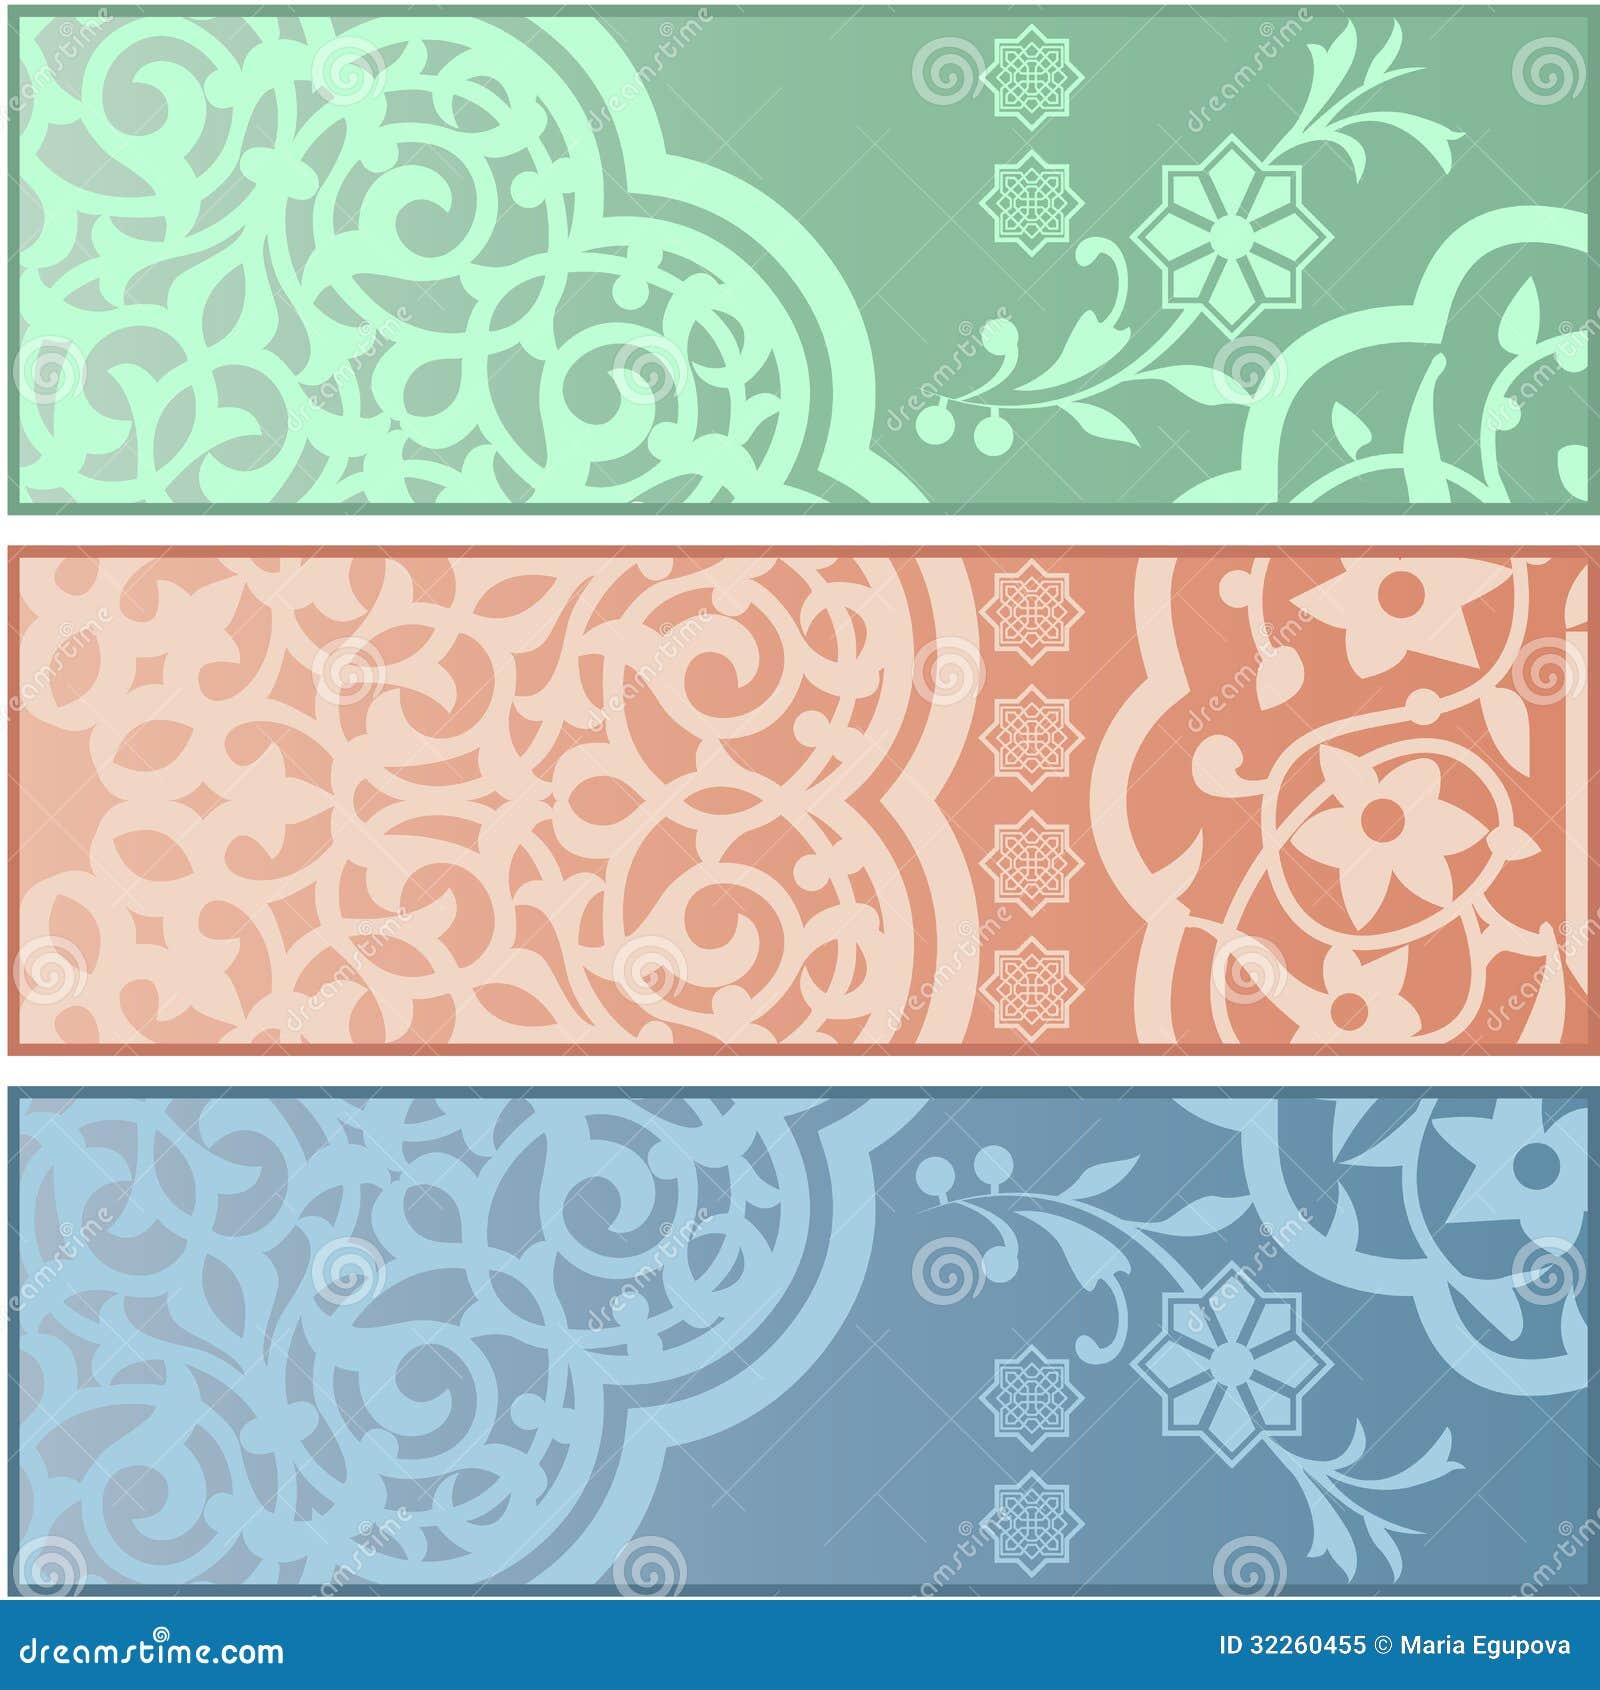 Muslim Graphic Designers